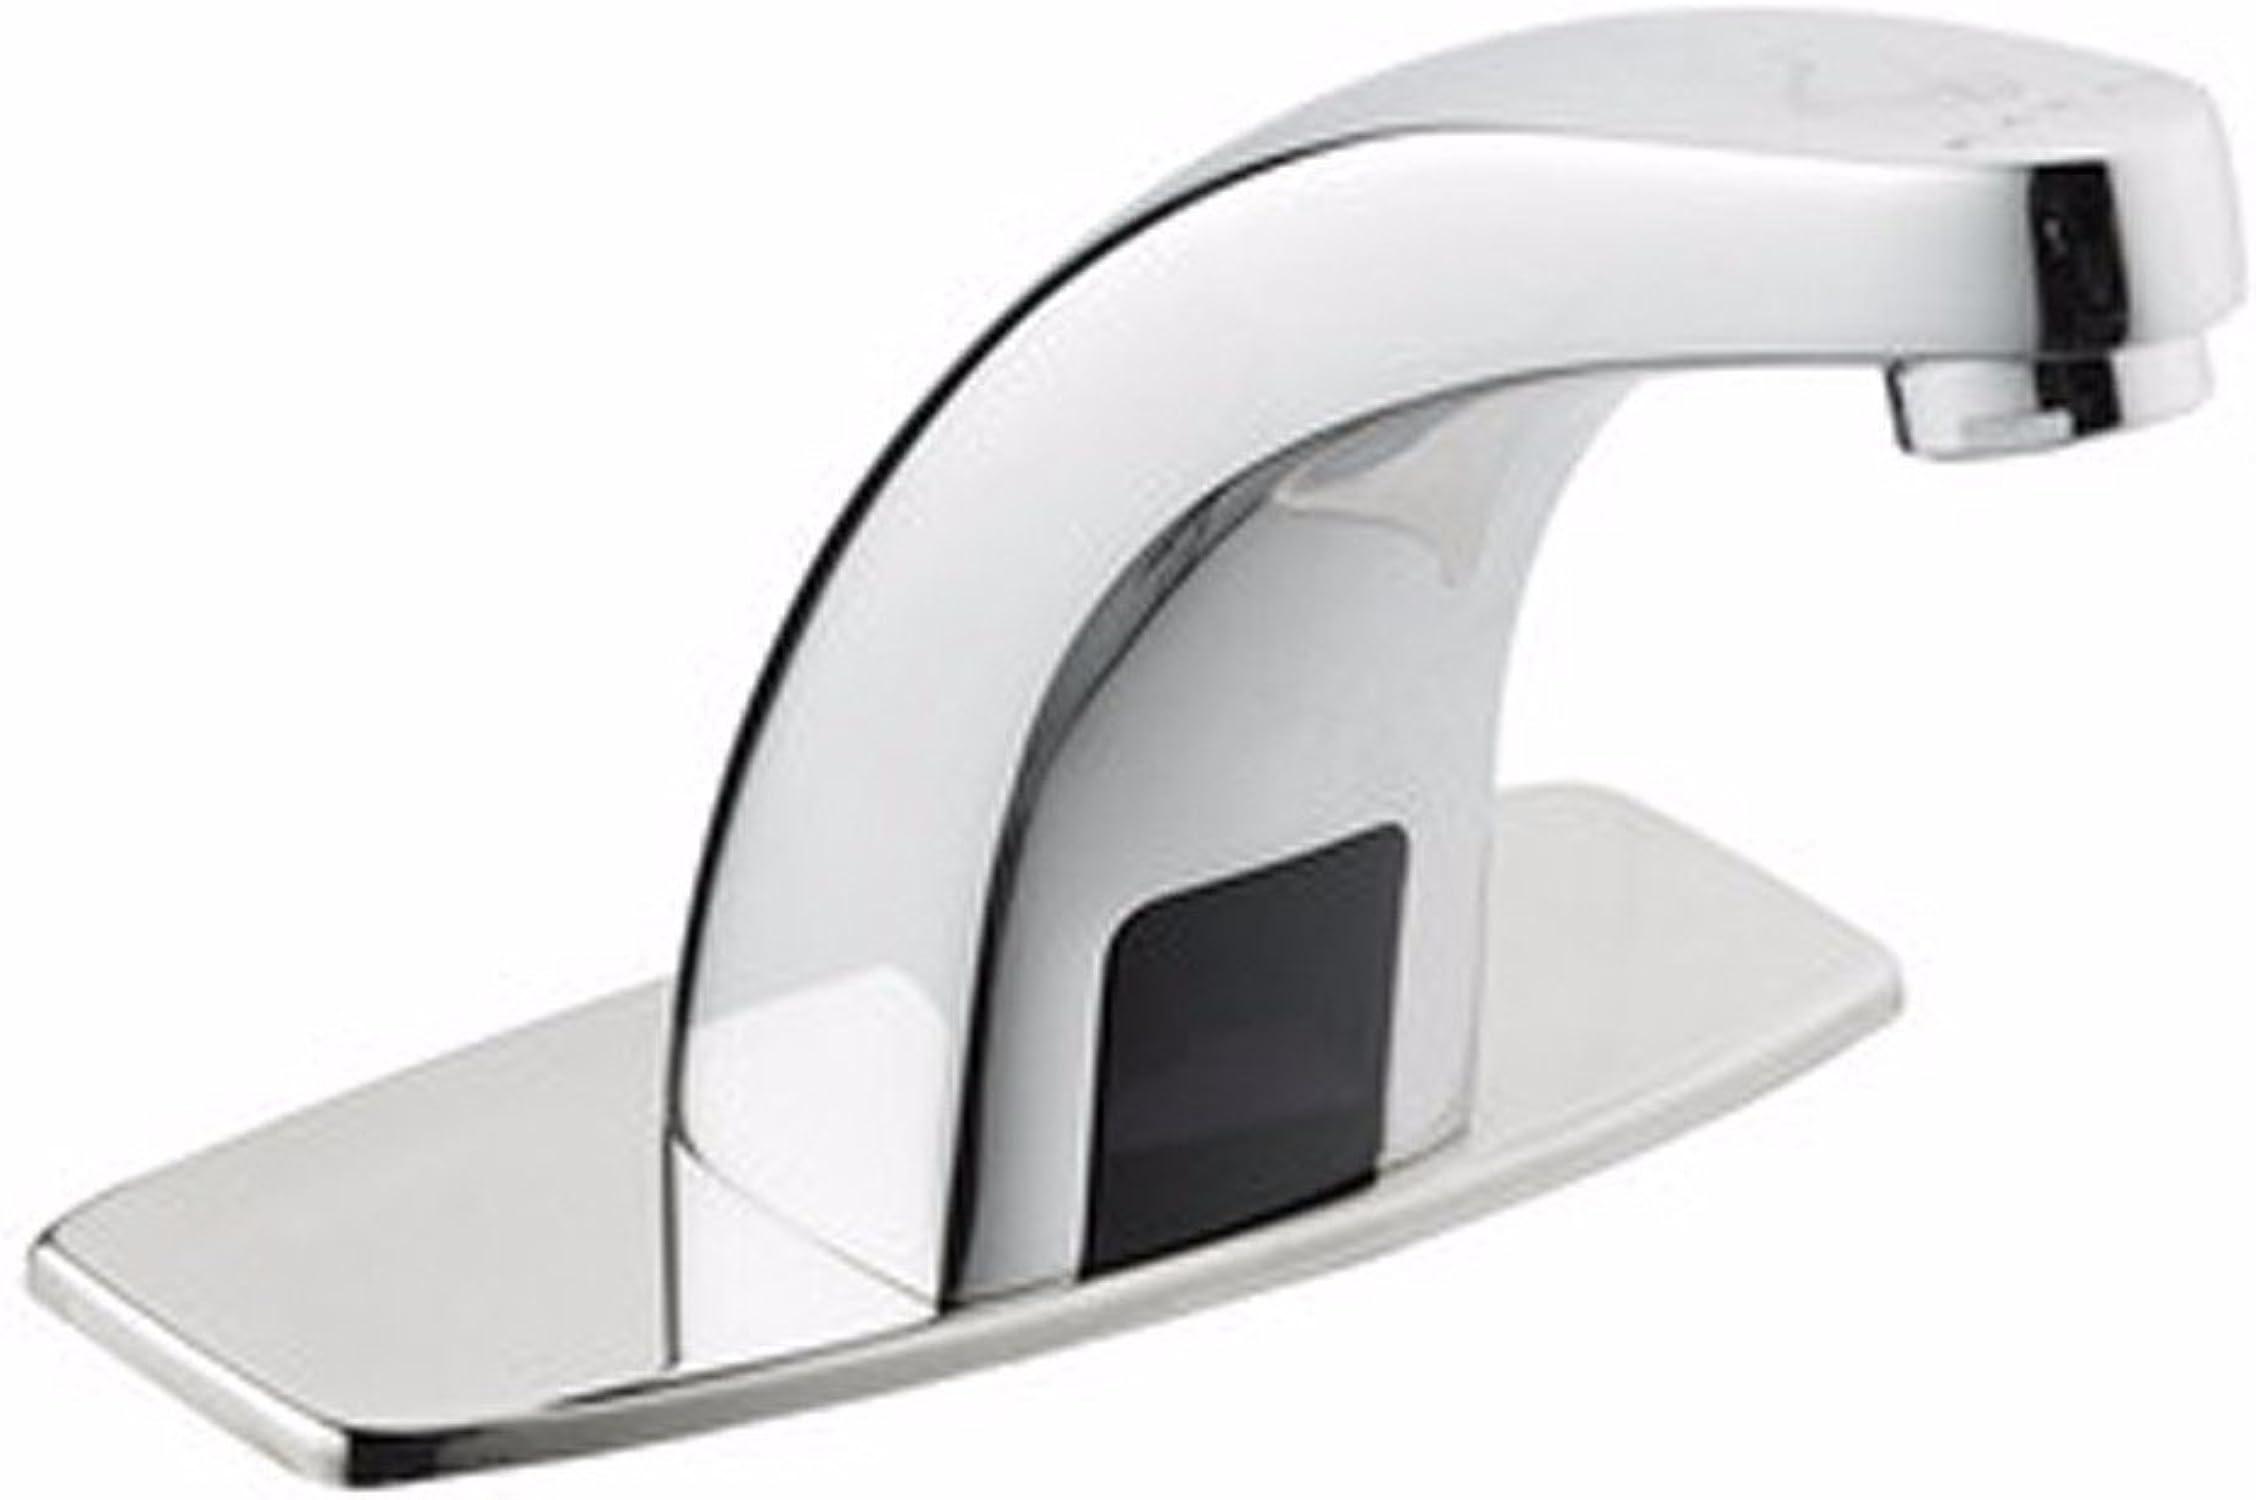 mejor moda SHLONG Grifo Inducción inteligente sensor de frío y y y calor faucet sensor infrarrojo pauelo cuenca sensor faucet, válvula solenoide  precios bajos